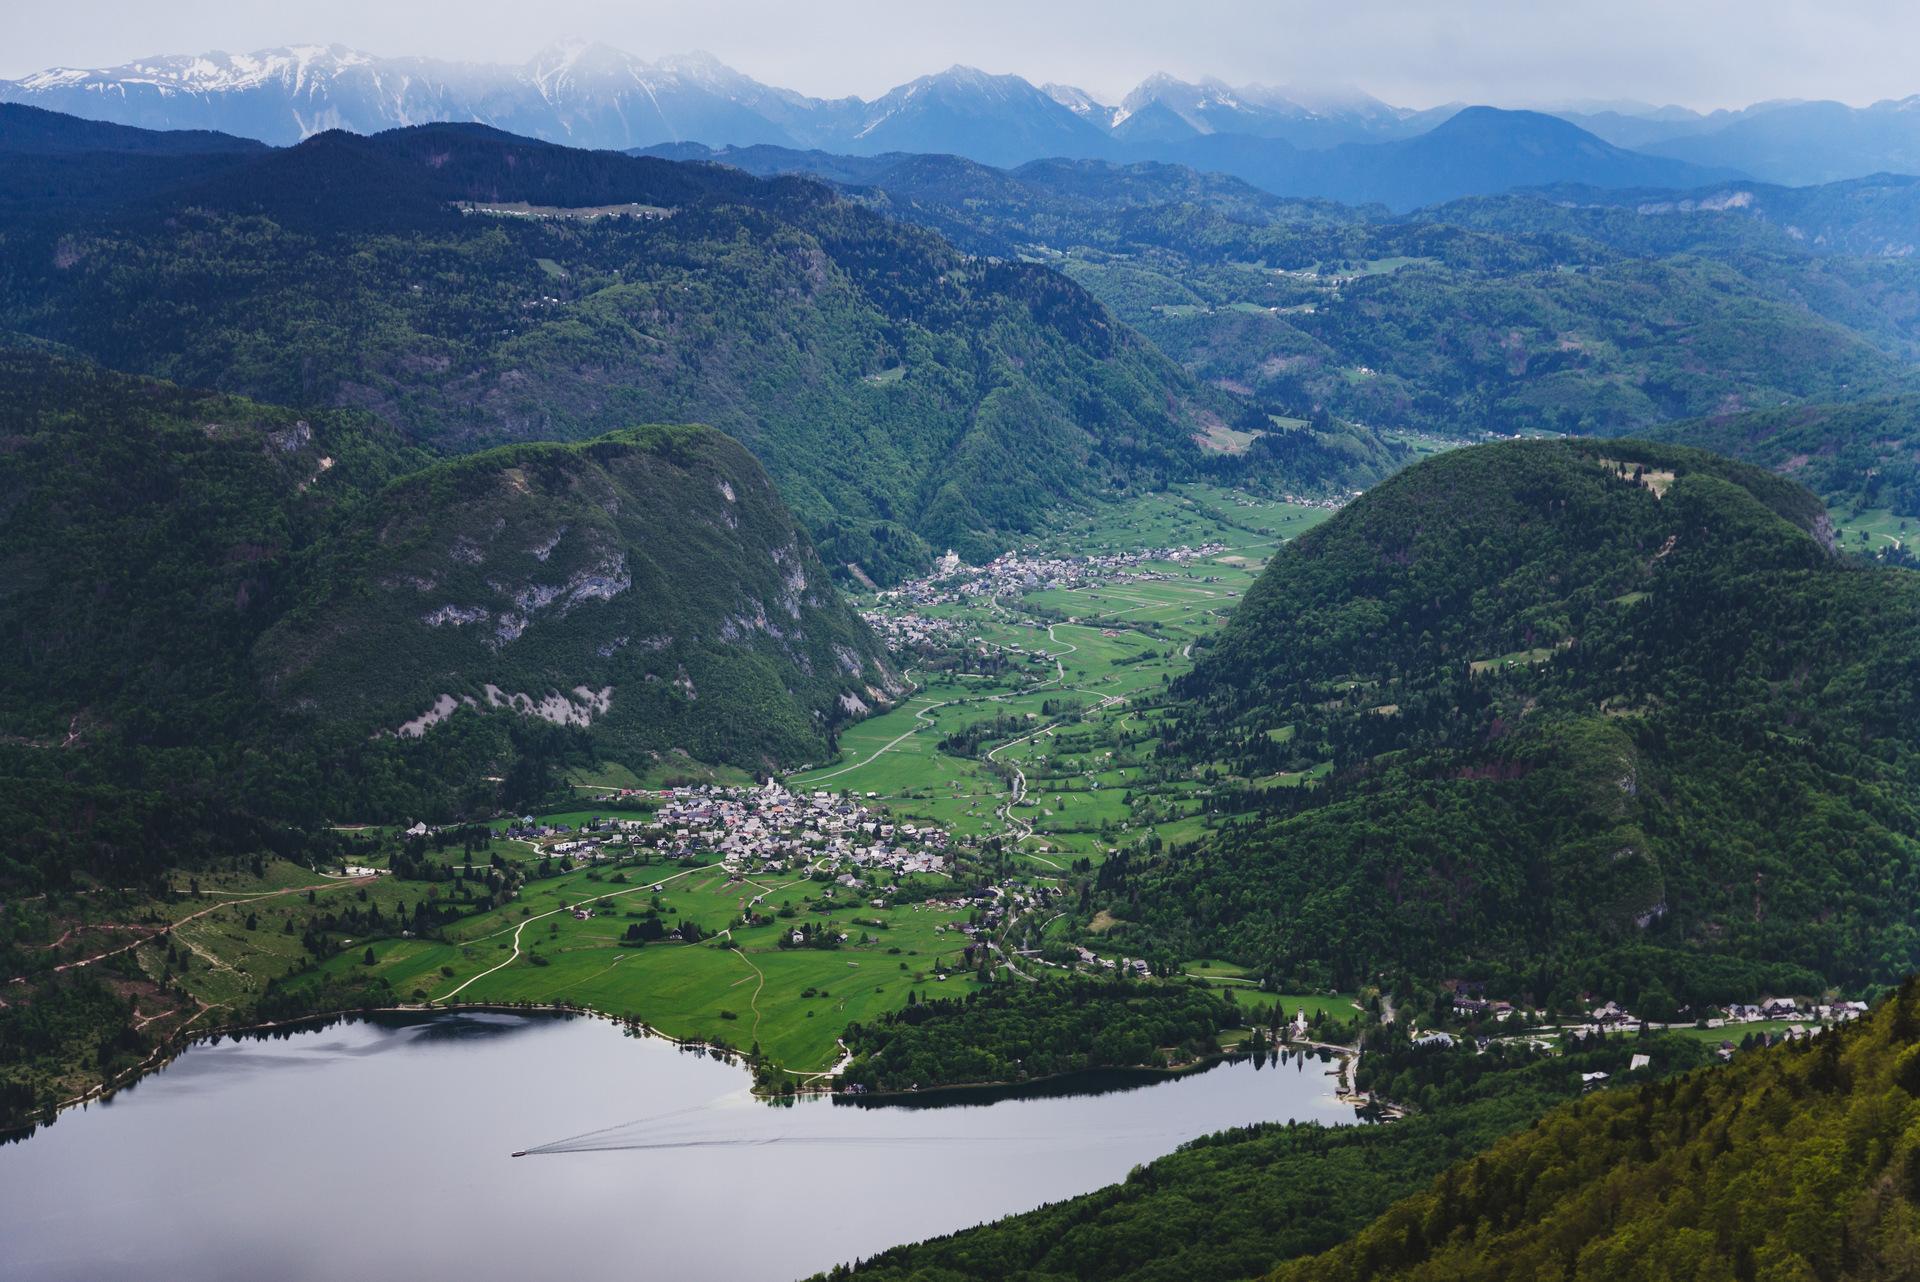 kolejka linowa słowenia